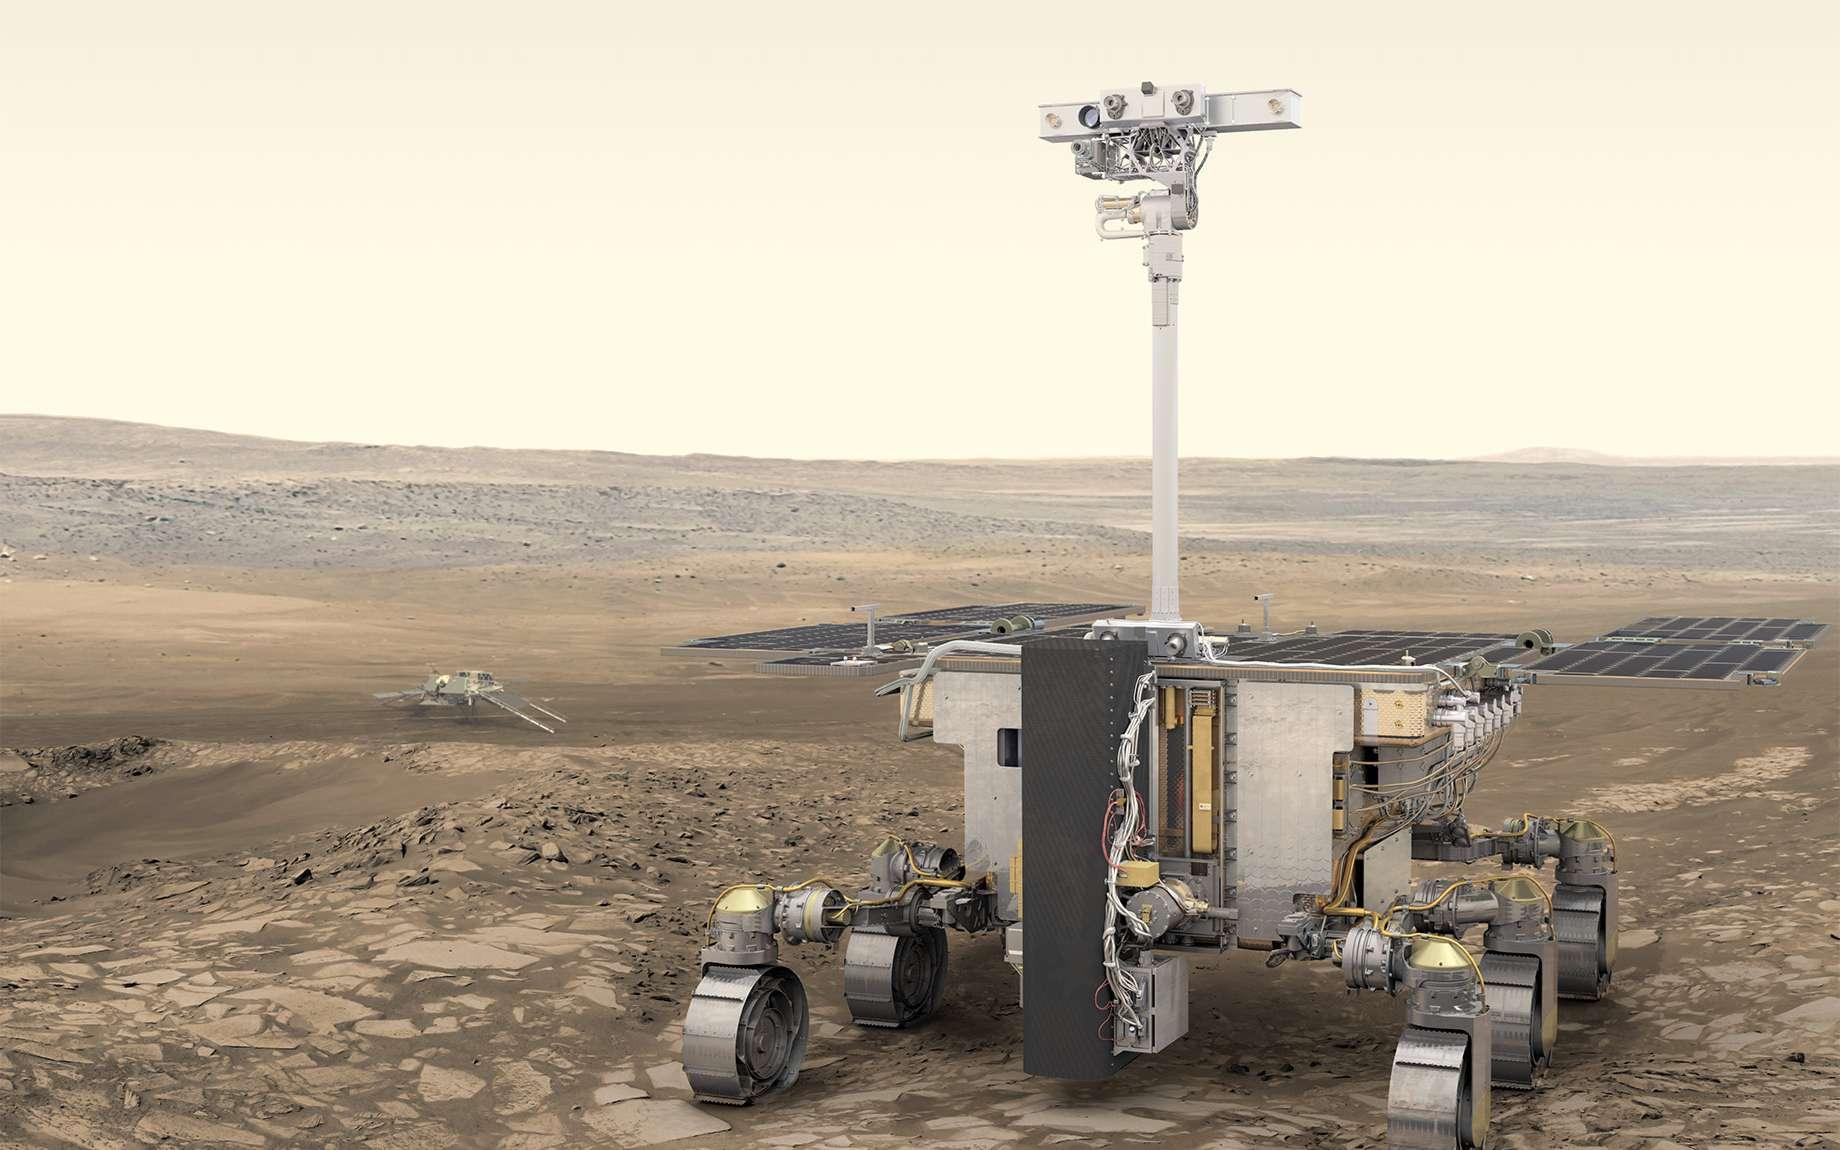 Le rover ExoMars 2020 embarquera une suite de neuf instruments analytiques en vue de documenter l'habitabilité de Mars et de détecter d'éventuelles traces de vie passée ou actuelle à la surface, mais aussi sous la surface martienne à l'aide d'un foret. © ESA, ATG medialab